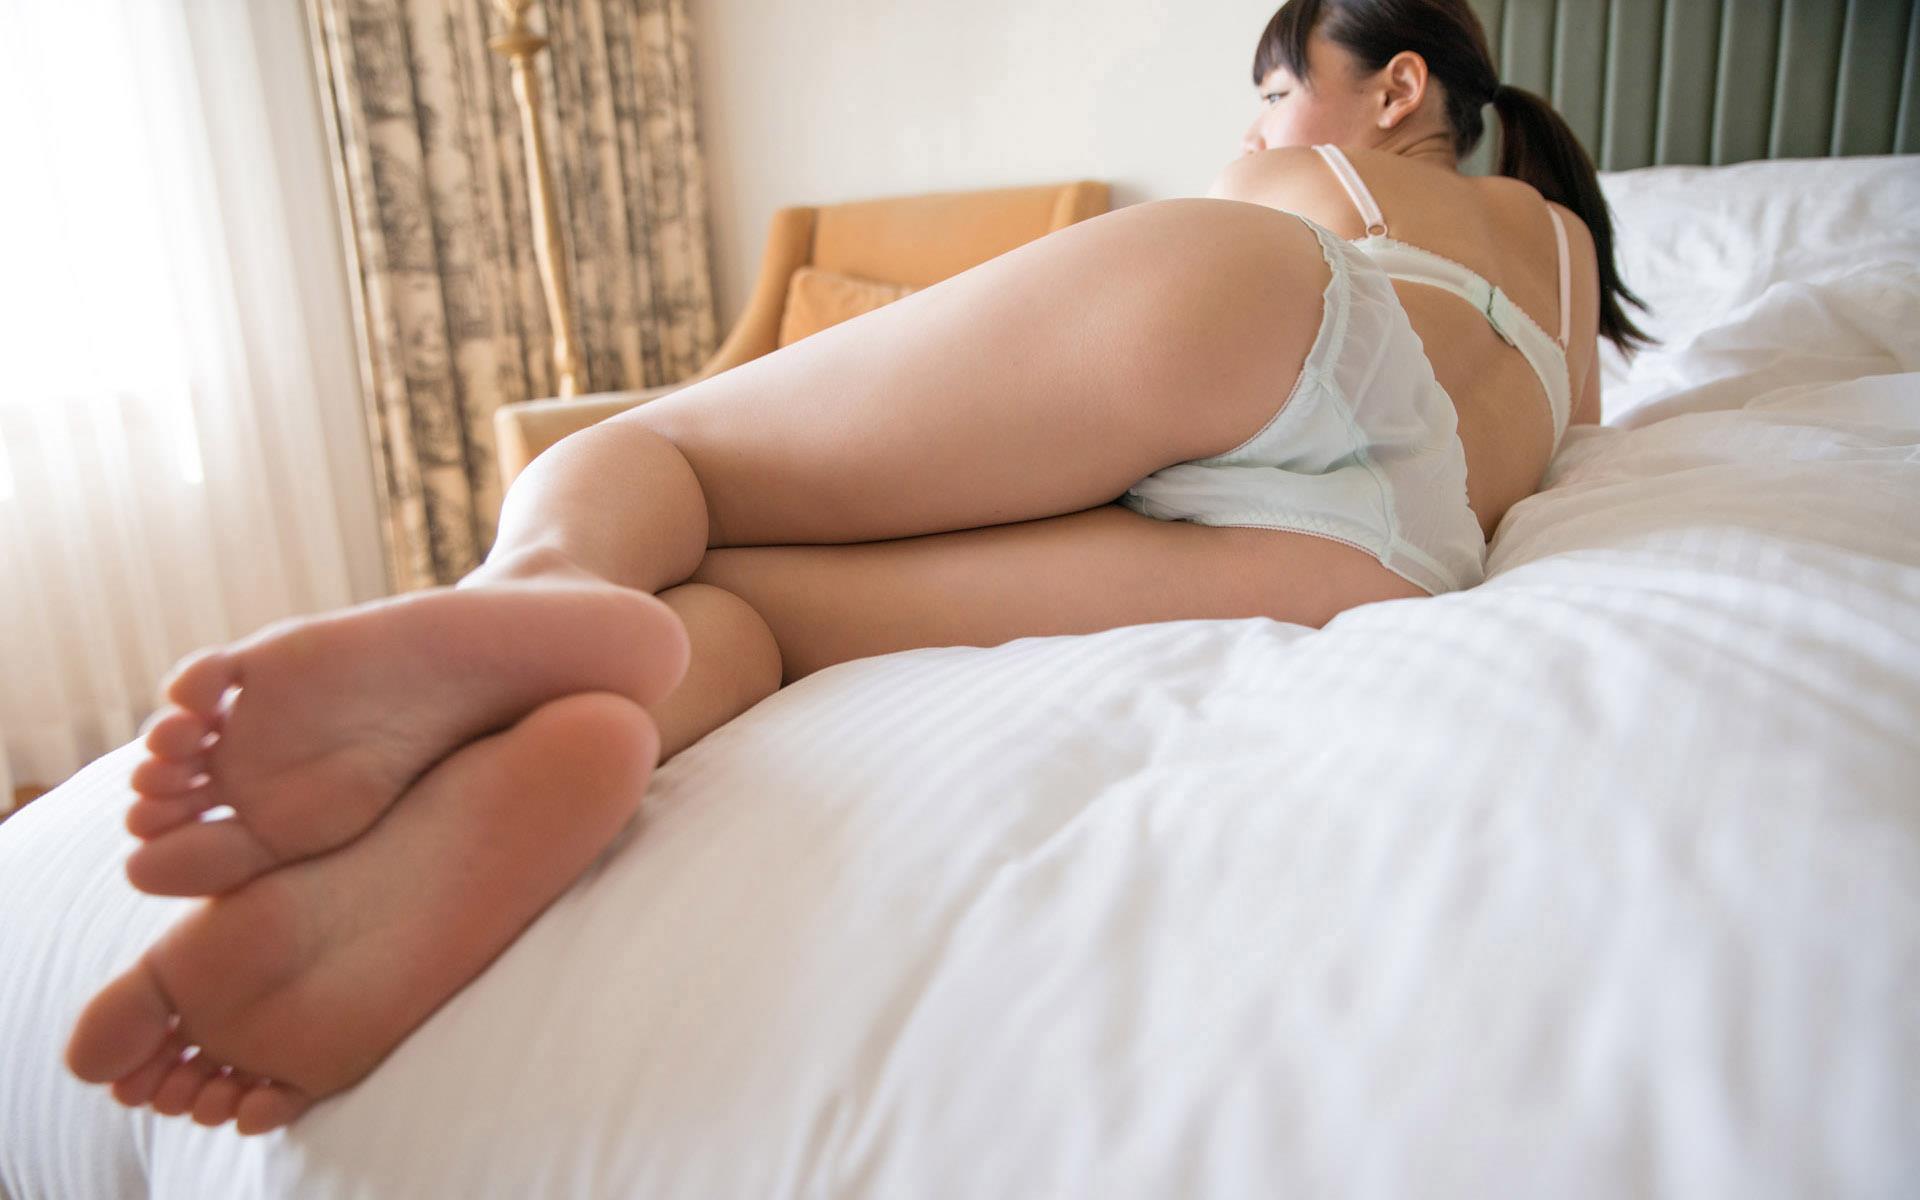 浜崎真緒(はまさきまお) ロリ顔ポニーテール、色白柔らかそうなおっぱいに包まれるセックスAV女優画像 143枚 No.121